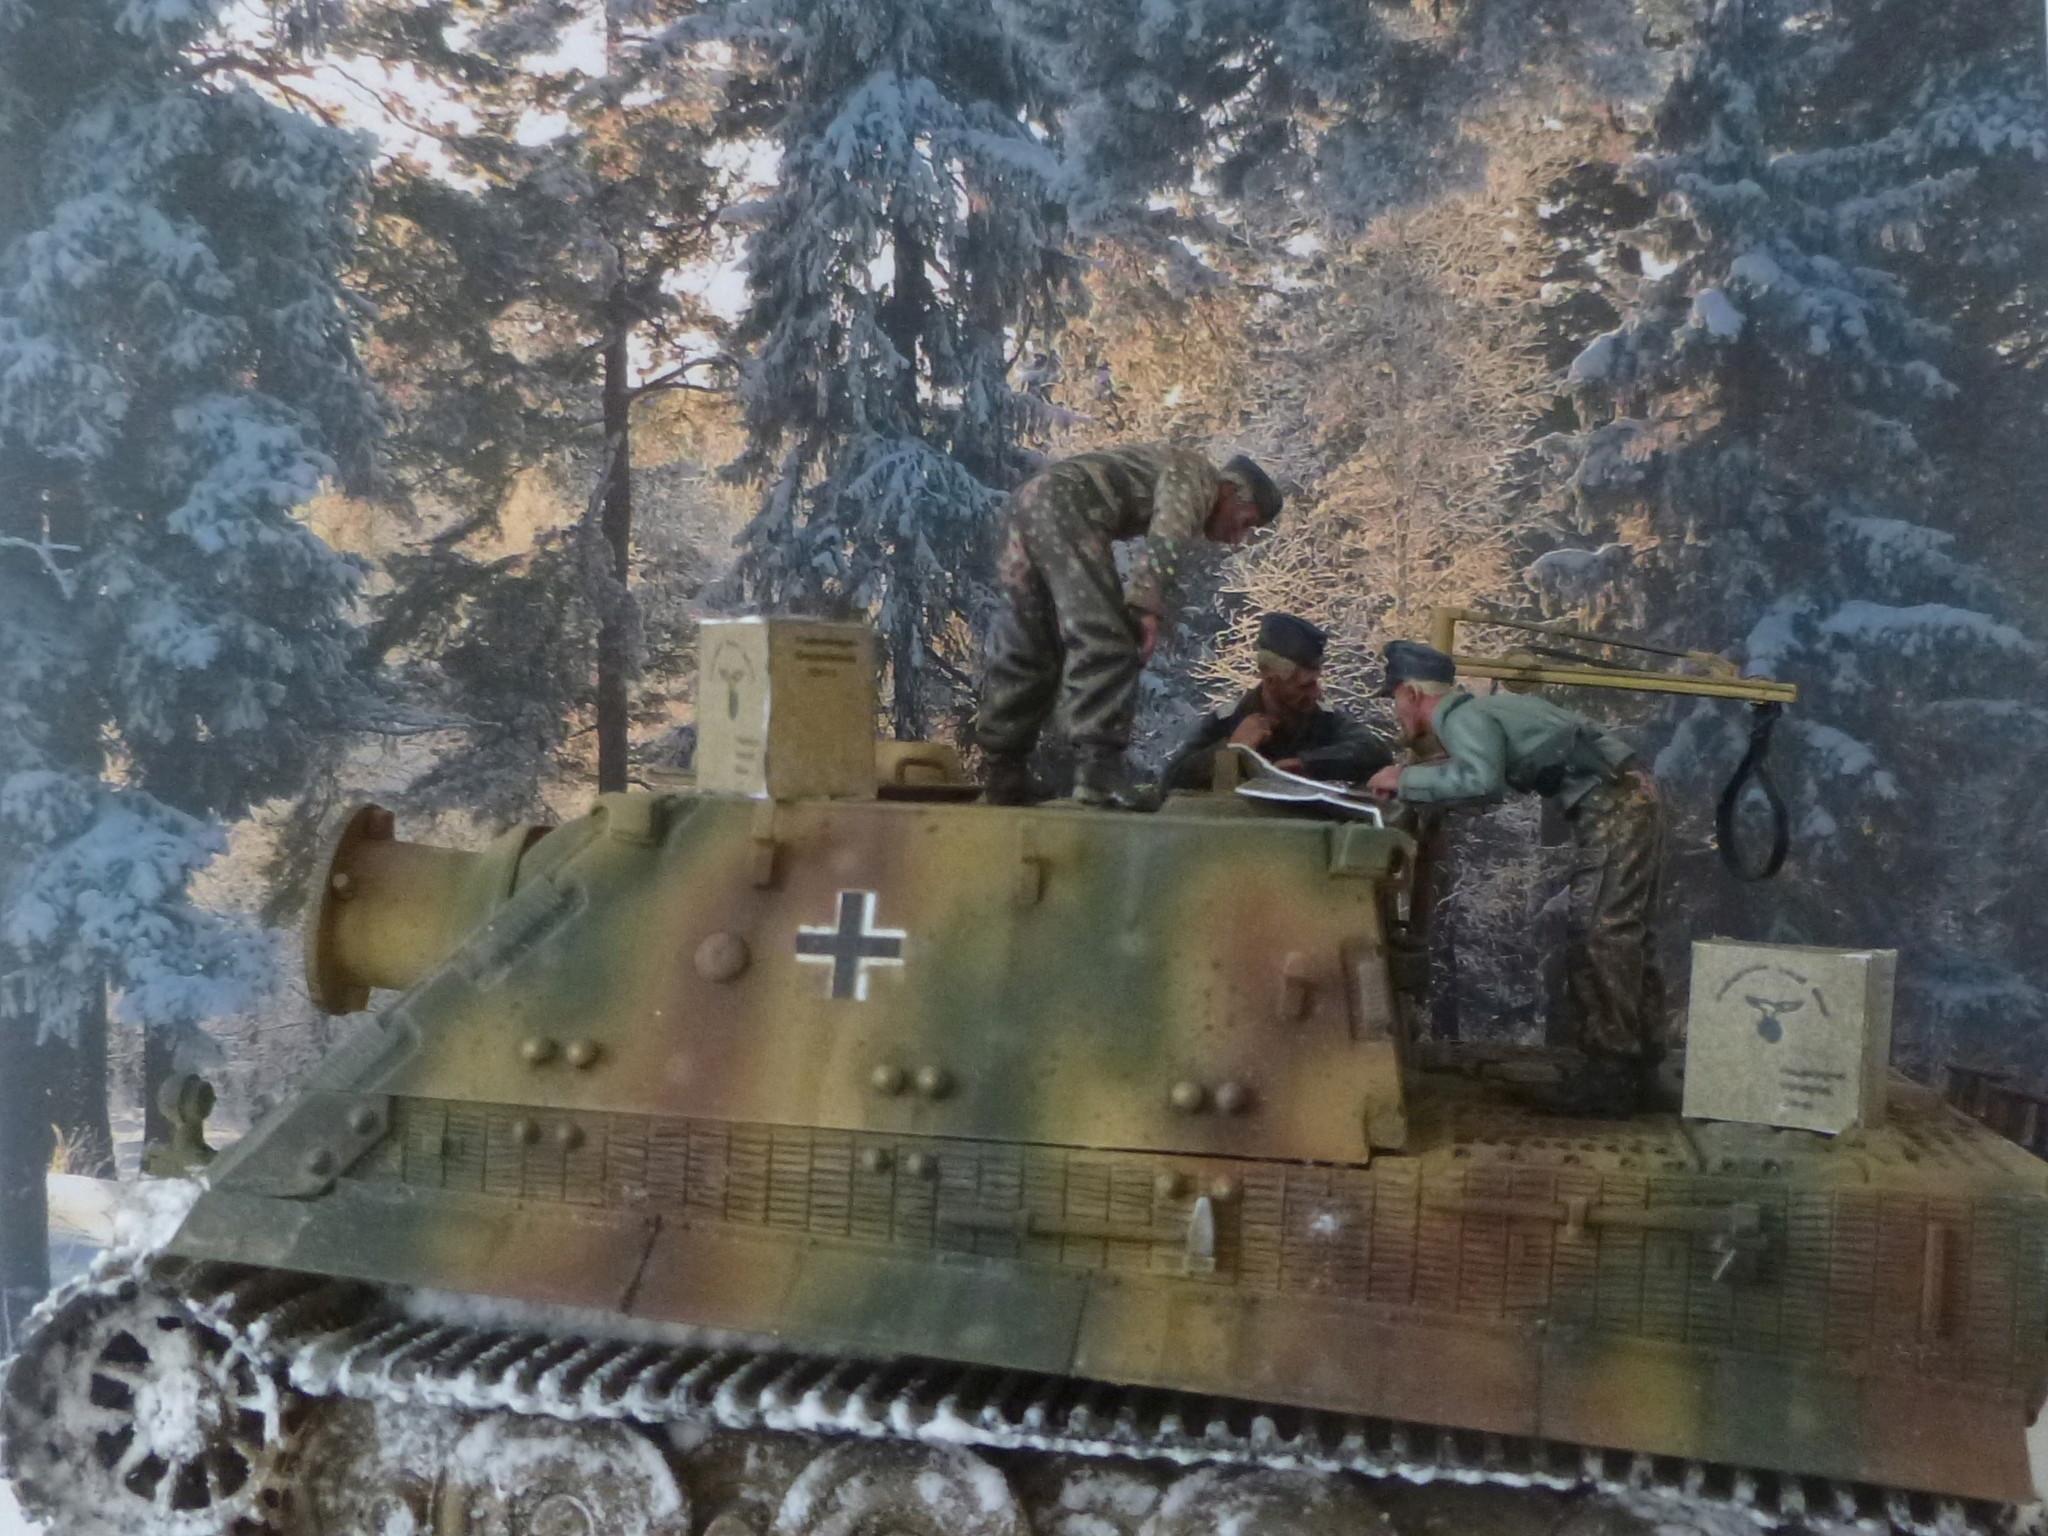 Wacht am Rhein Ardennes décembre 1944 - Sturmtiger Italeri et équipage Verlinden 1/35 P1040355